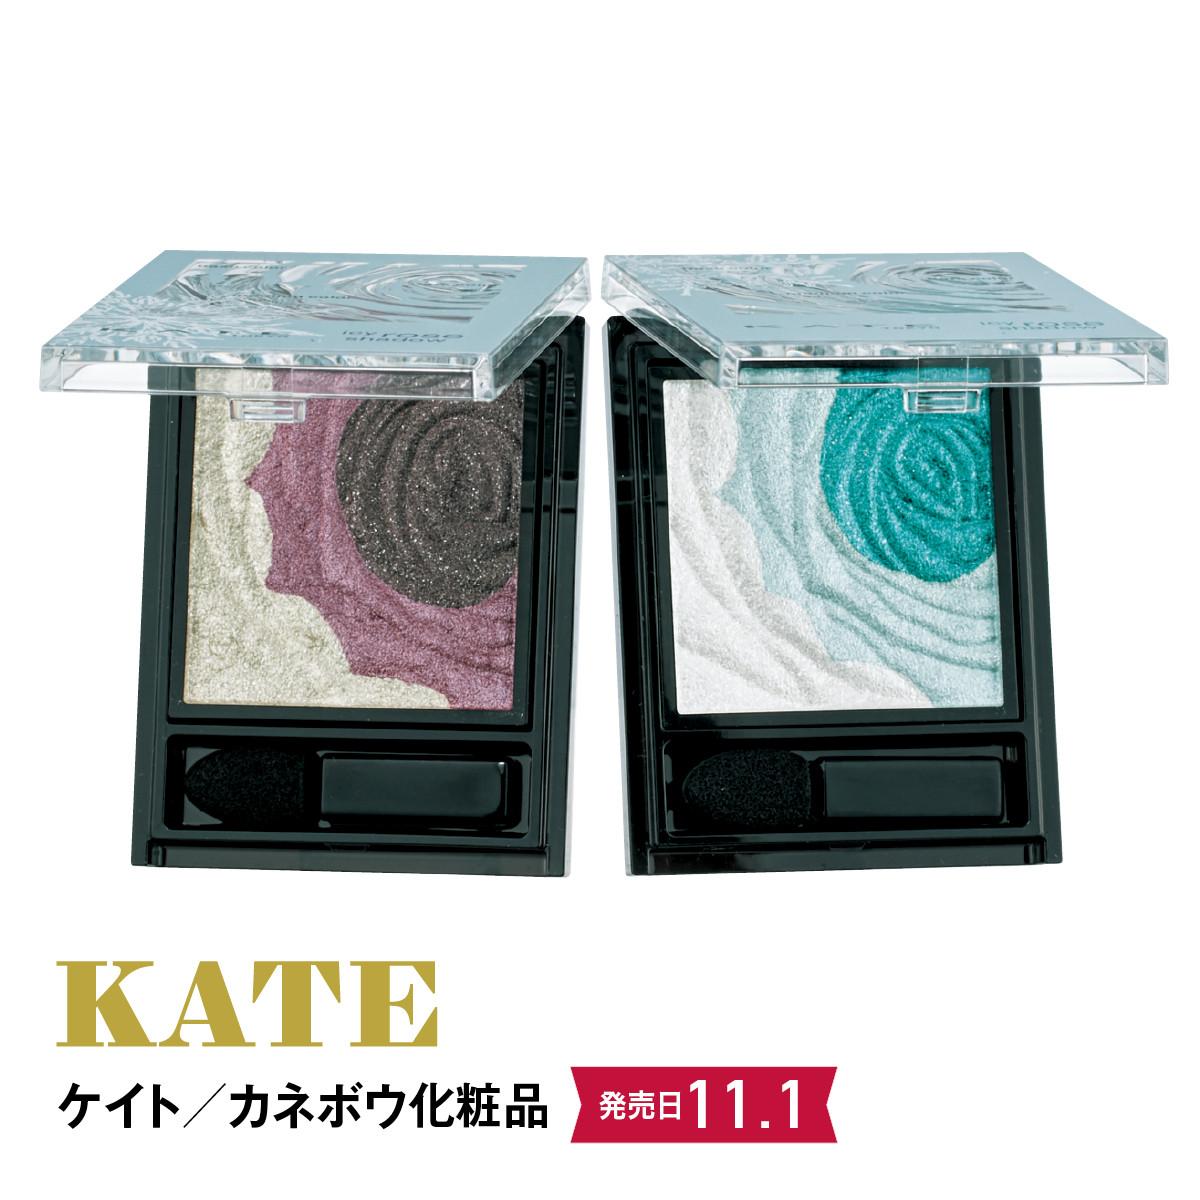 2019クリスマスコフレ&限定品:KATE/ケイト